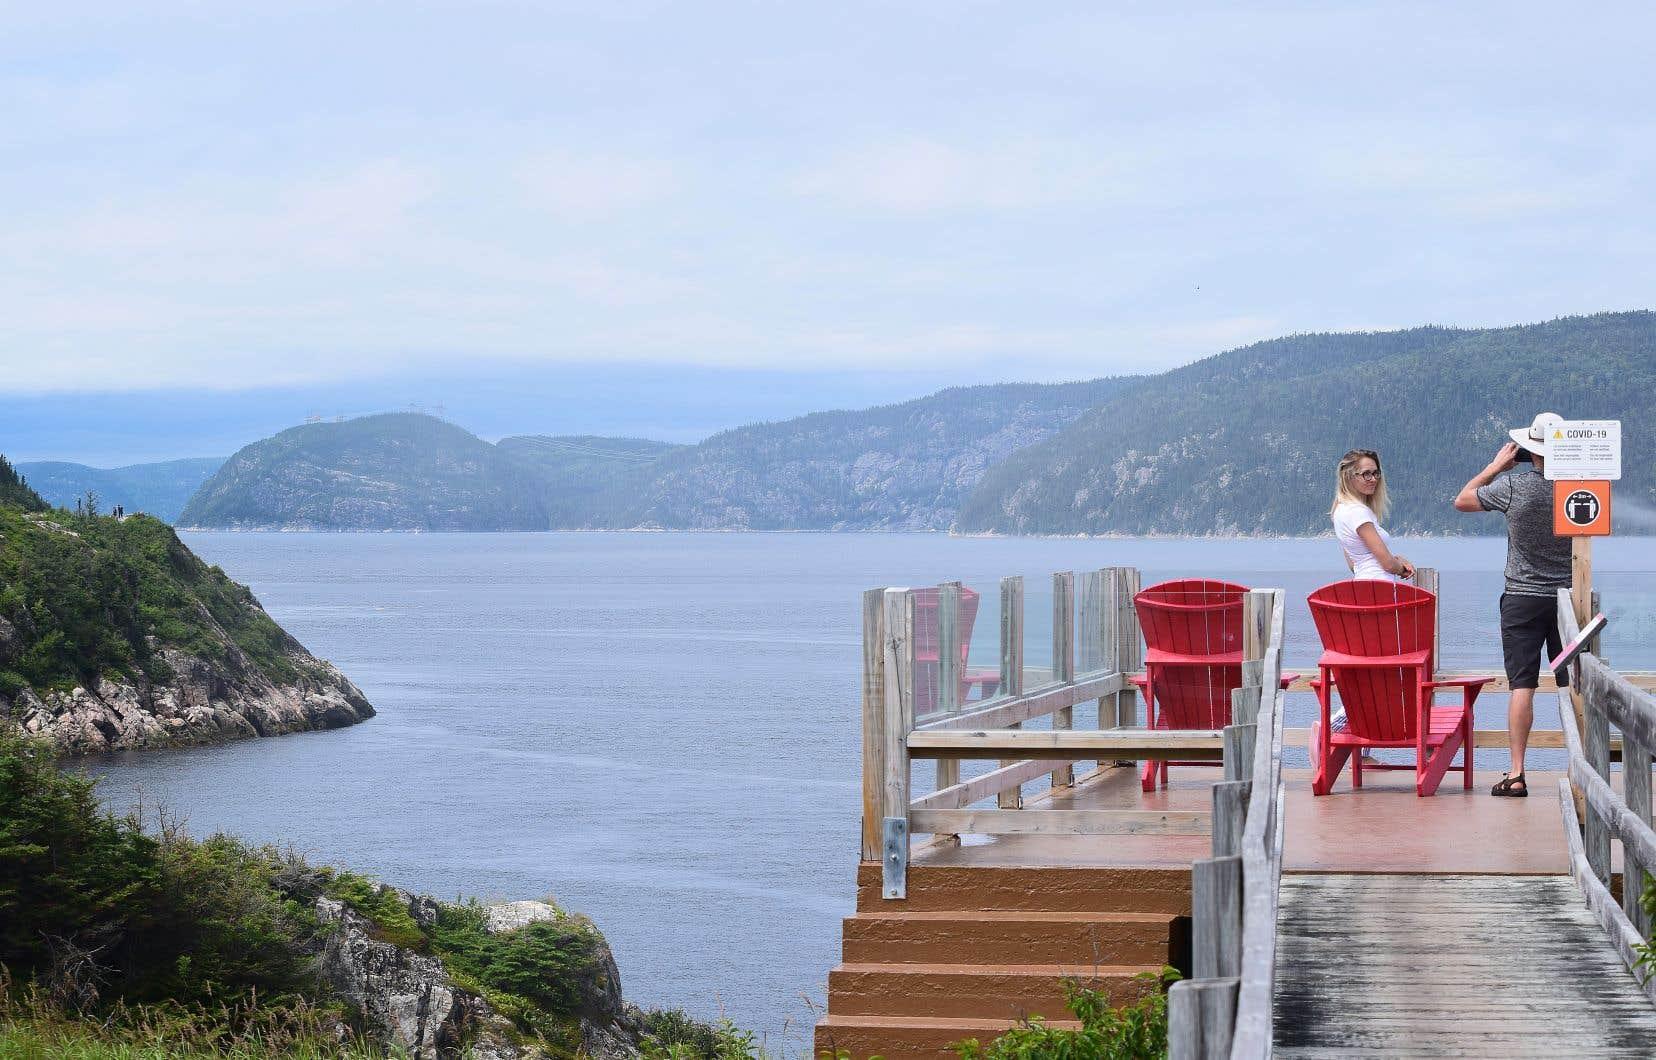 Depuis le début des consultations du BAPE sur le projet GNL Québec, plusieurs intervenants ont exprimé des inquiétudes quant aux conséquences qu'aurait la circulation de navires méthaniers pour l'industrie touristique dans le seul parc marin du Québec.